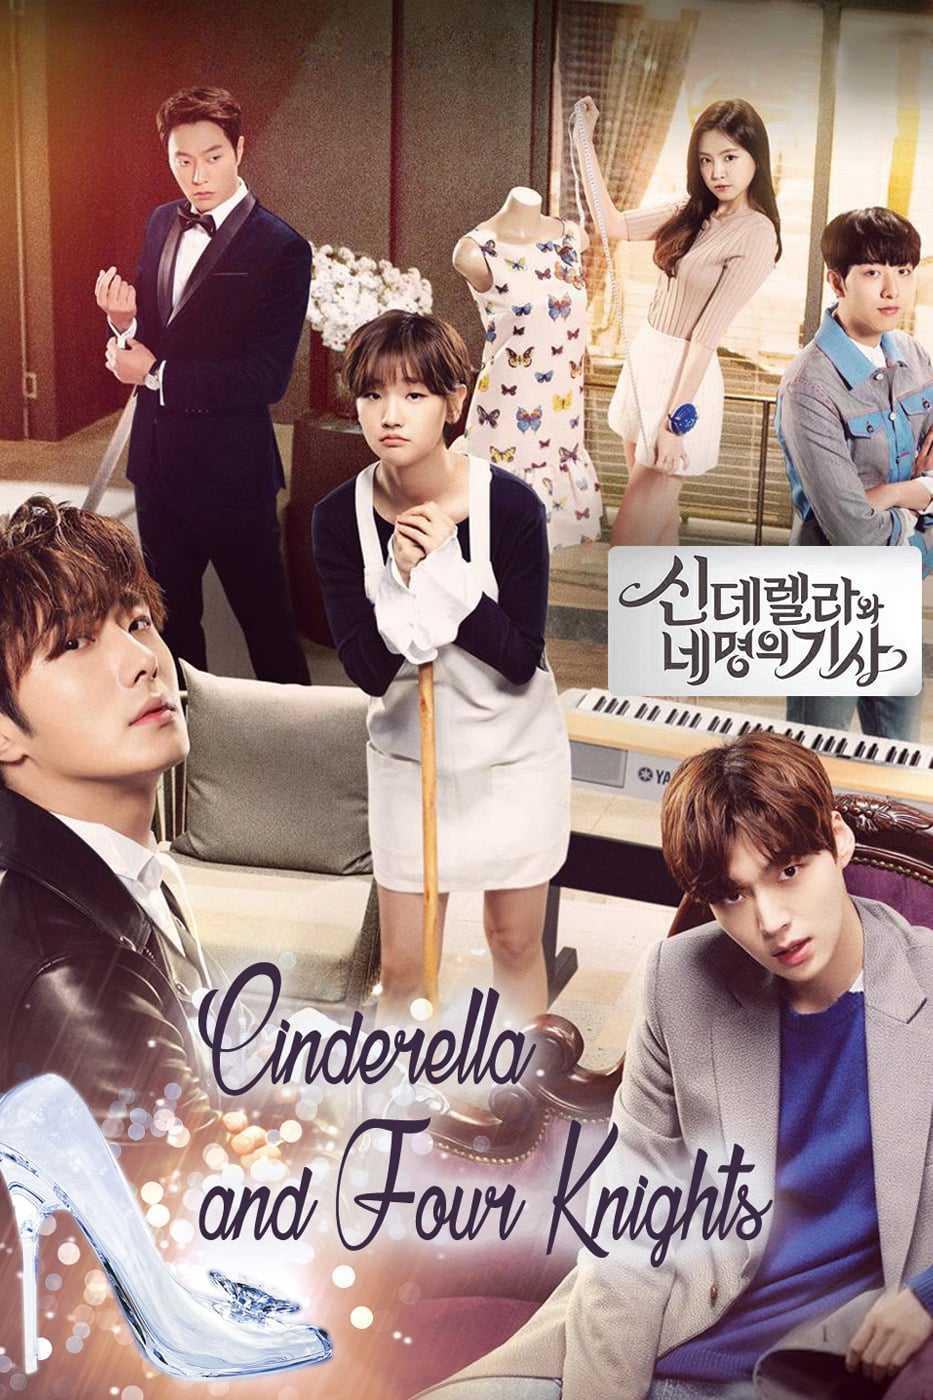 ปิ๊งรักยัยซินเดอเรลล่า-cinderella-and-four-knights-ตอนที่-1-16-พากย์ไทย-จบ-